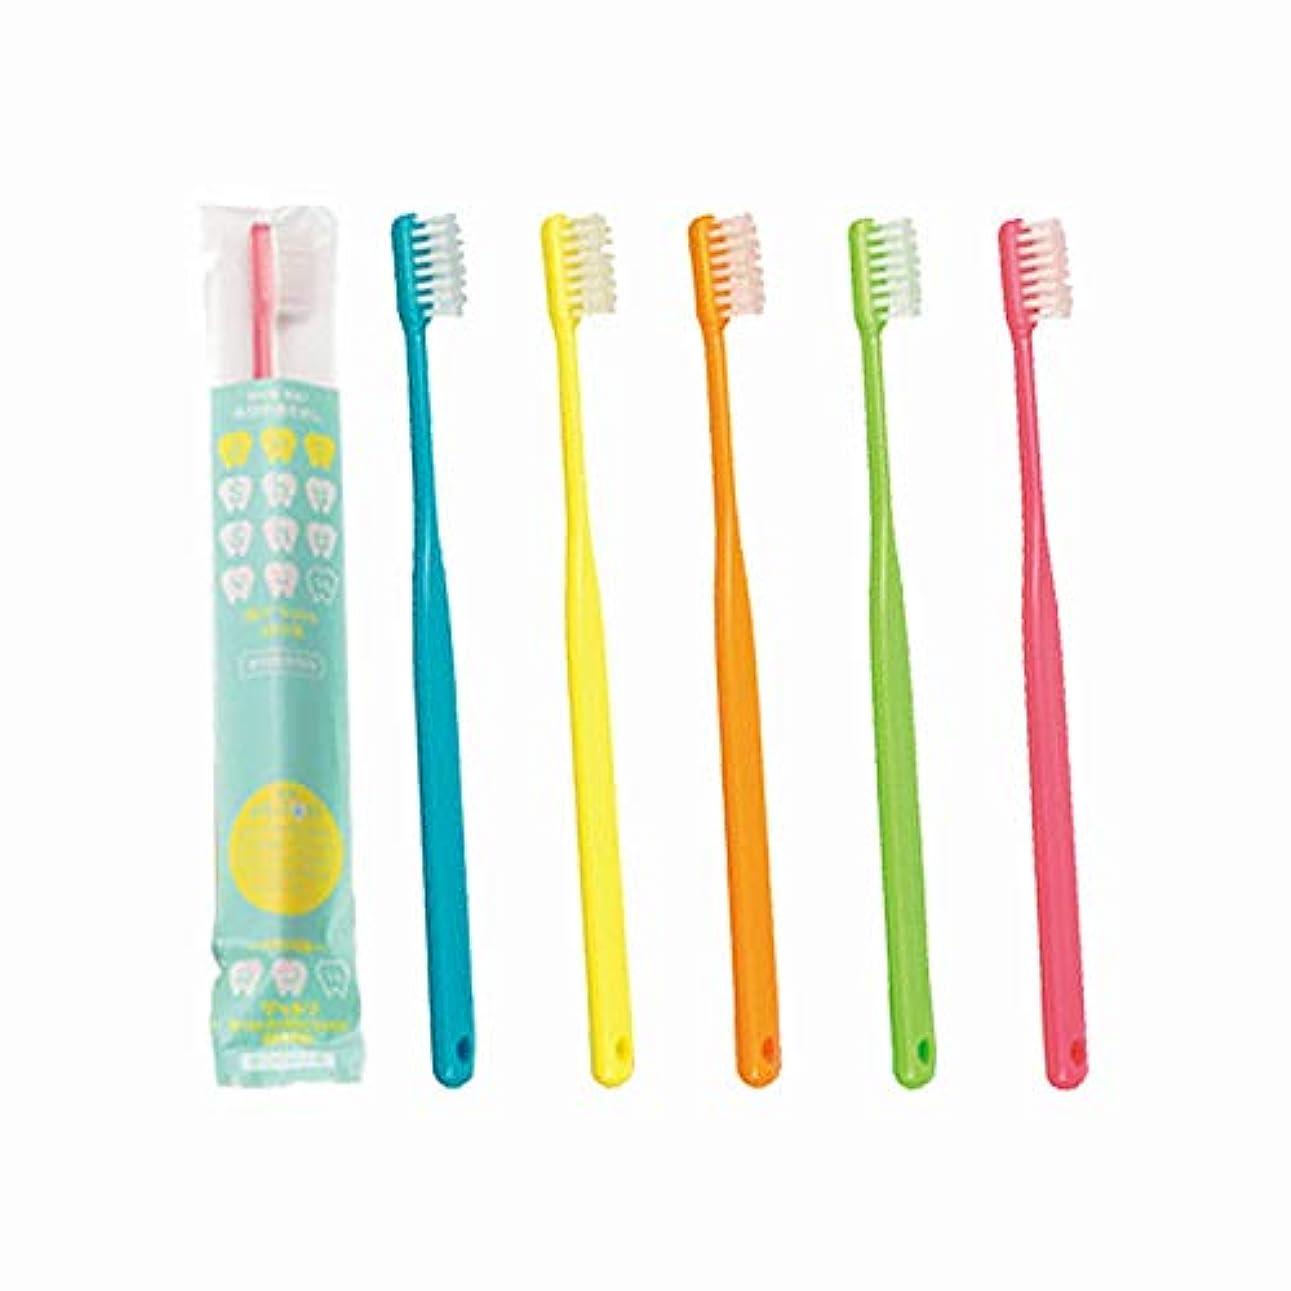 上に築きます数値祝福する大人用歯ブラシ 歯科専売品 FEED(フィード) 占い!Shu Shu(うらないシュシュ)歯ブラシ×10本 (ふつう(M), 色はおまかせ)